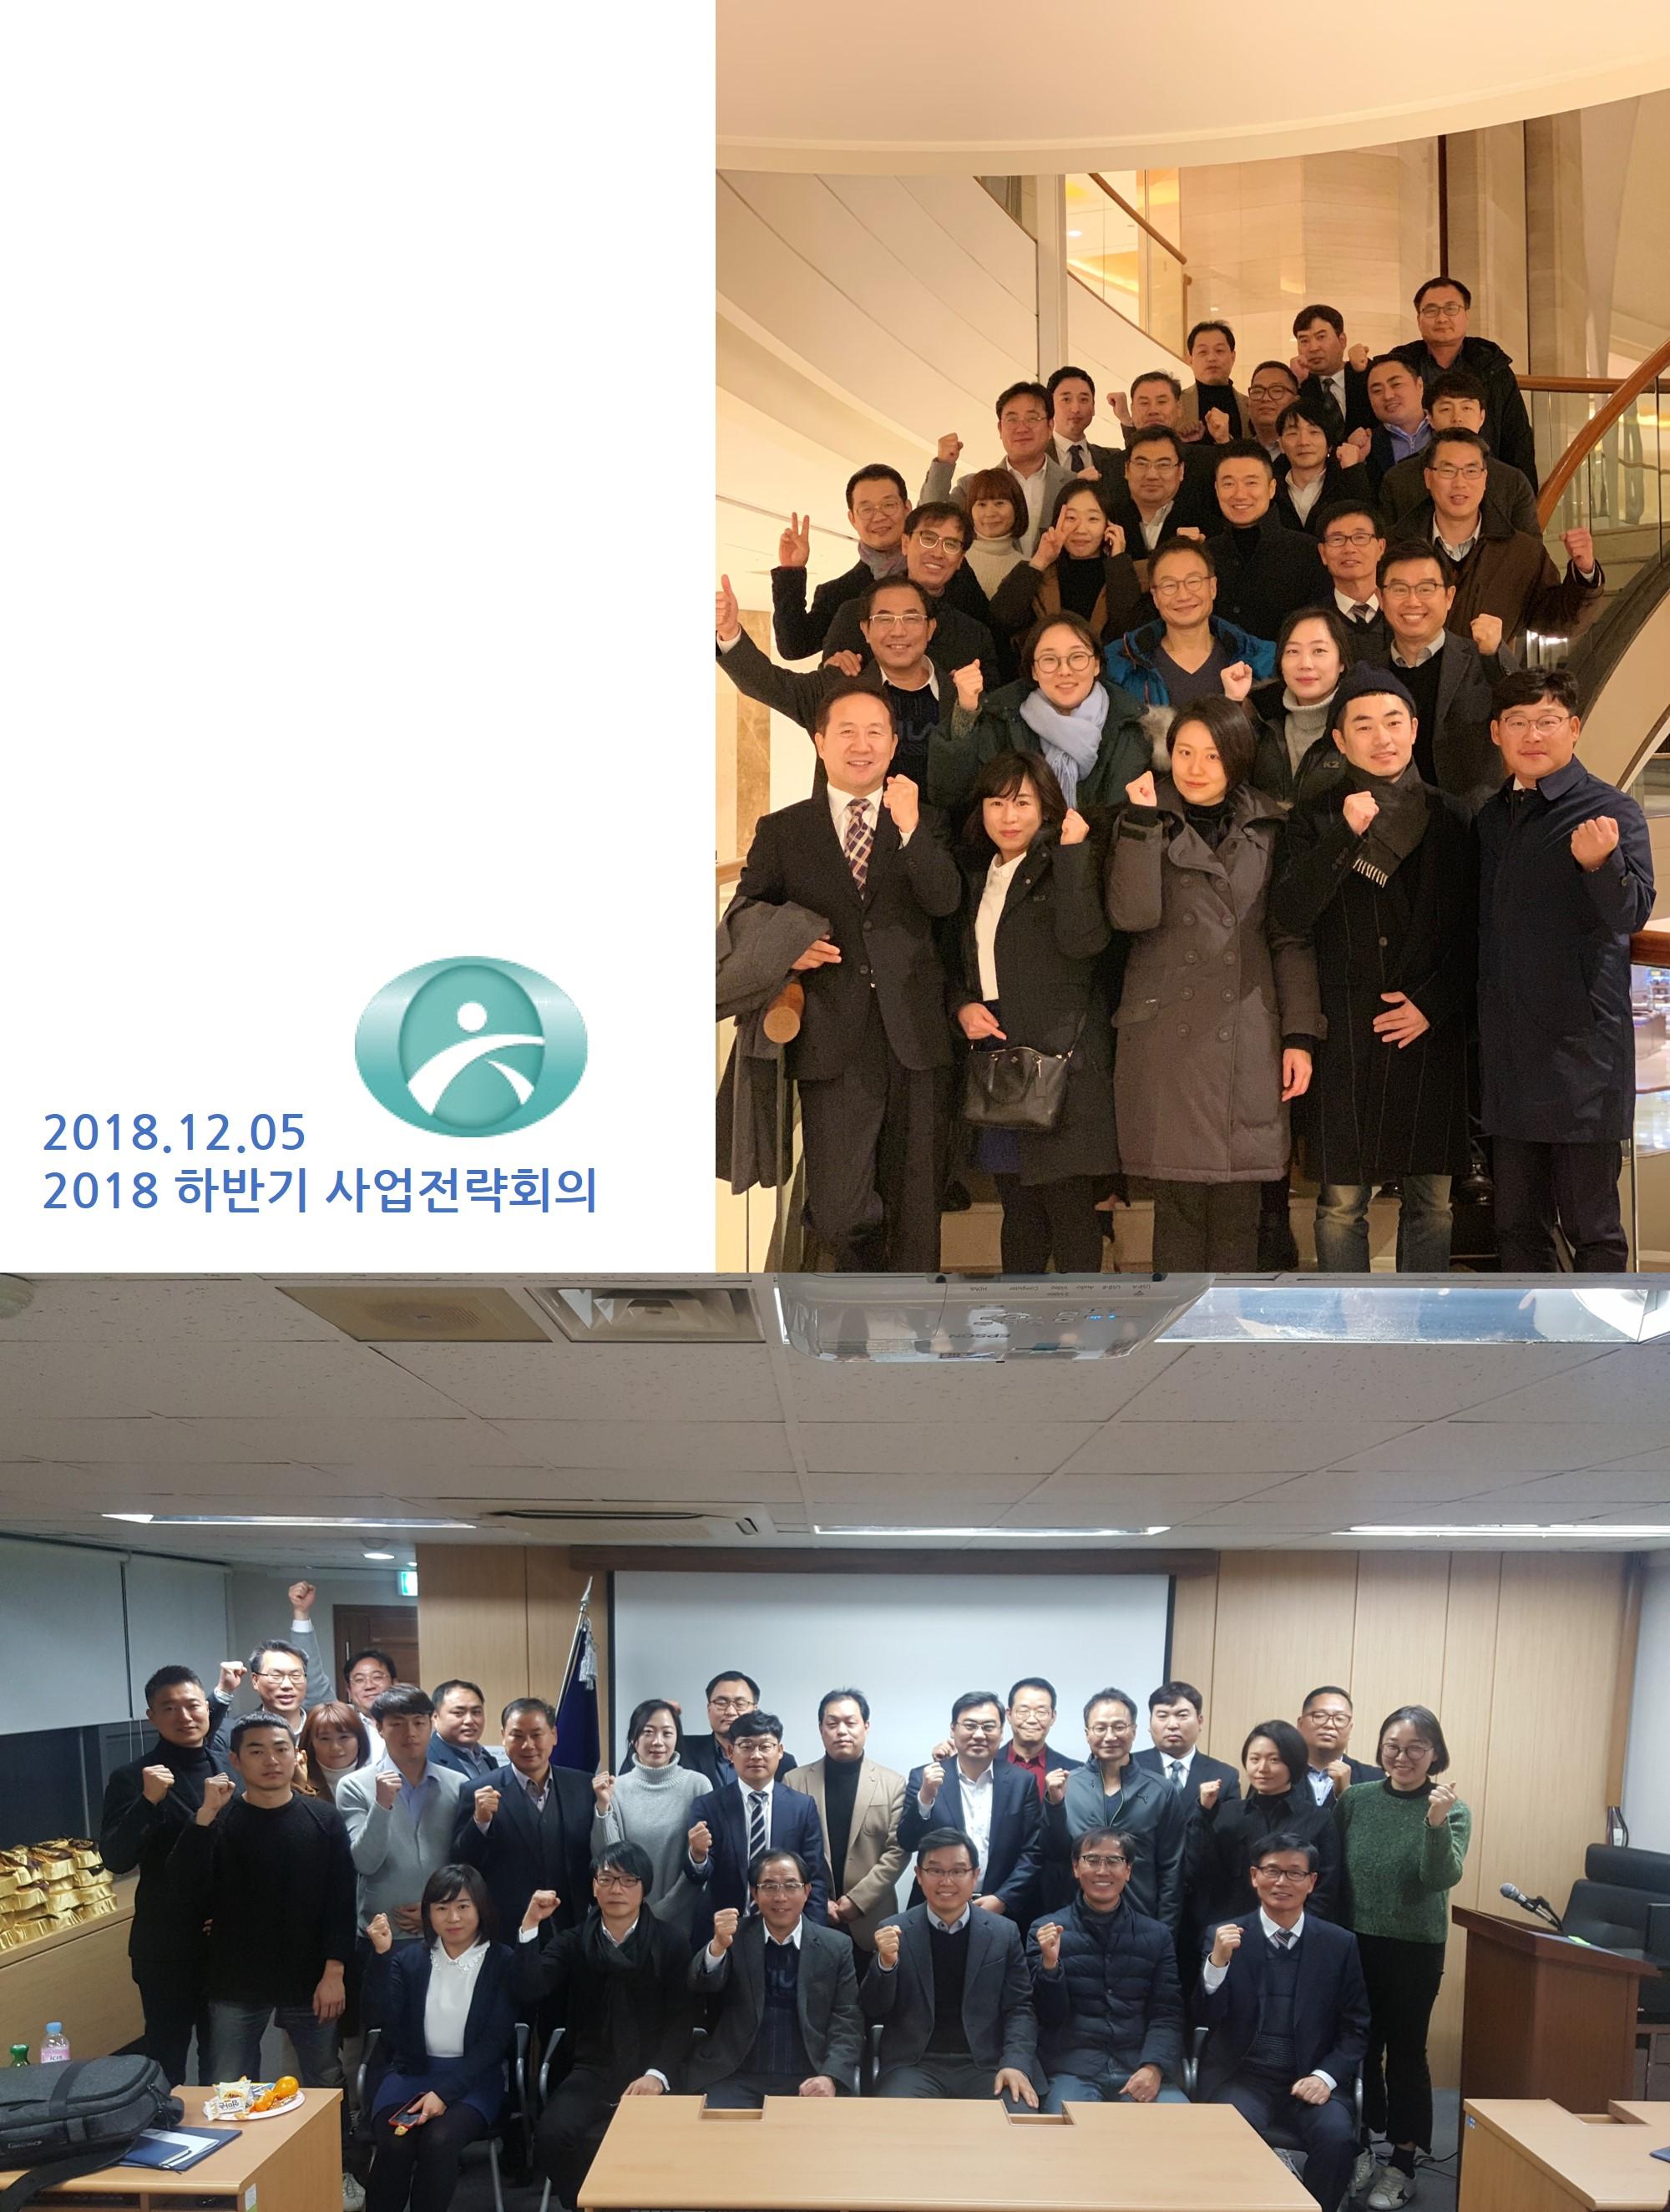 [2018.12.05] 2018년 하반기 사업전략회의